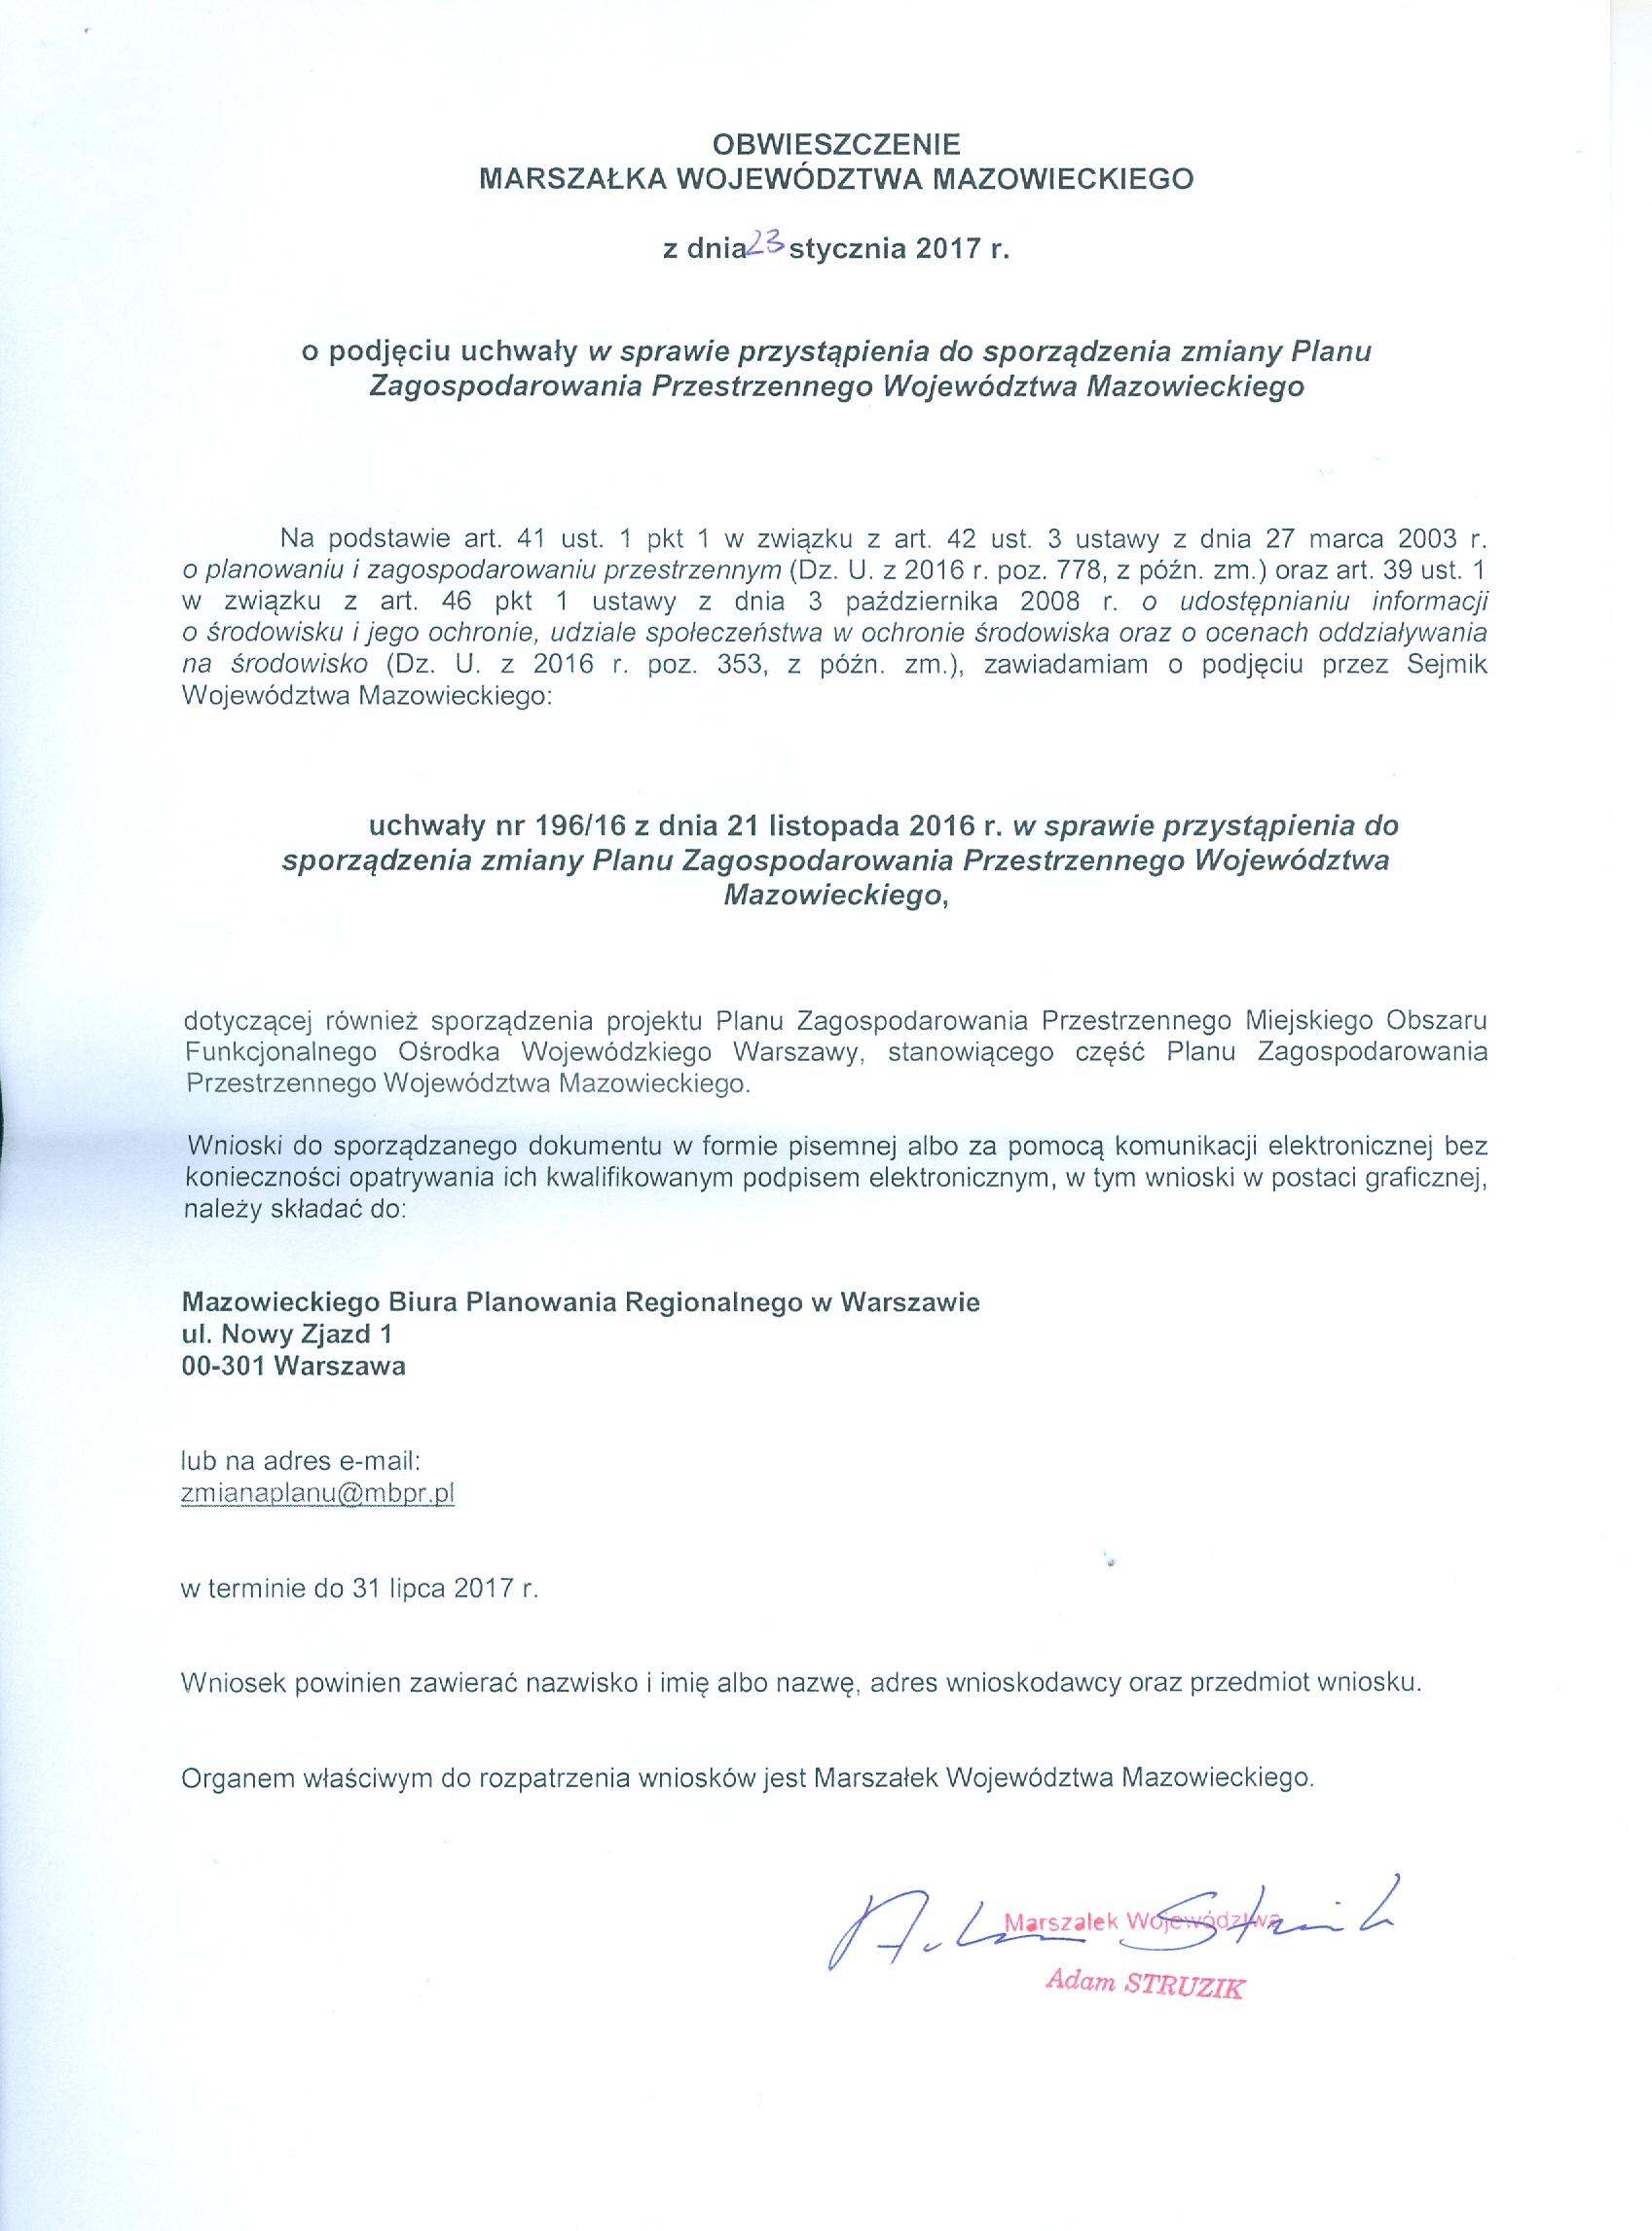 - obwieszczenie_marszalka_wojewodztwa_mazowieckiego0001.jpg